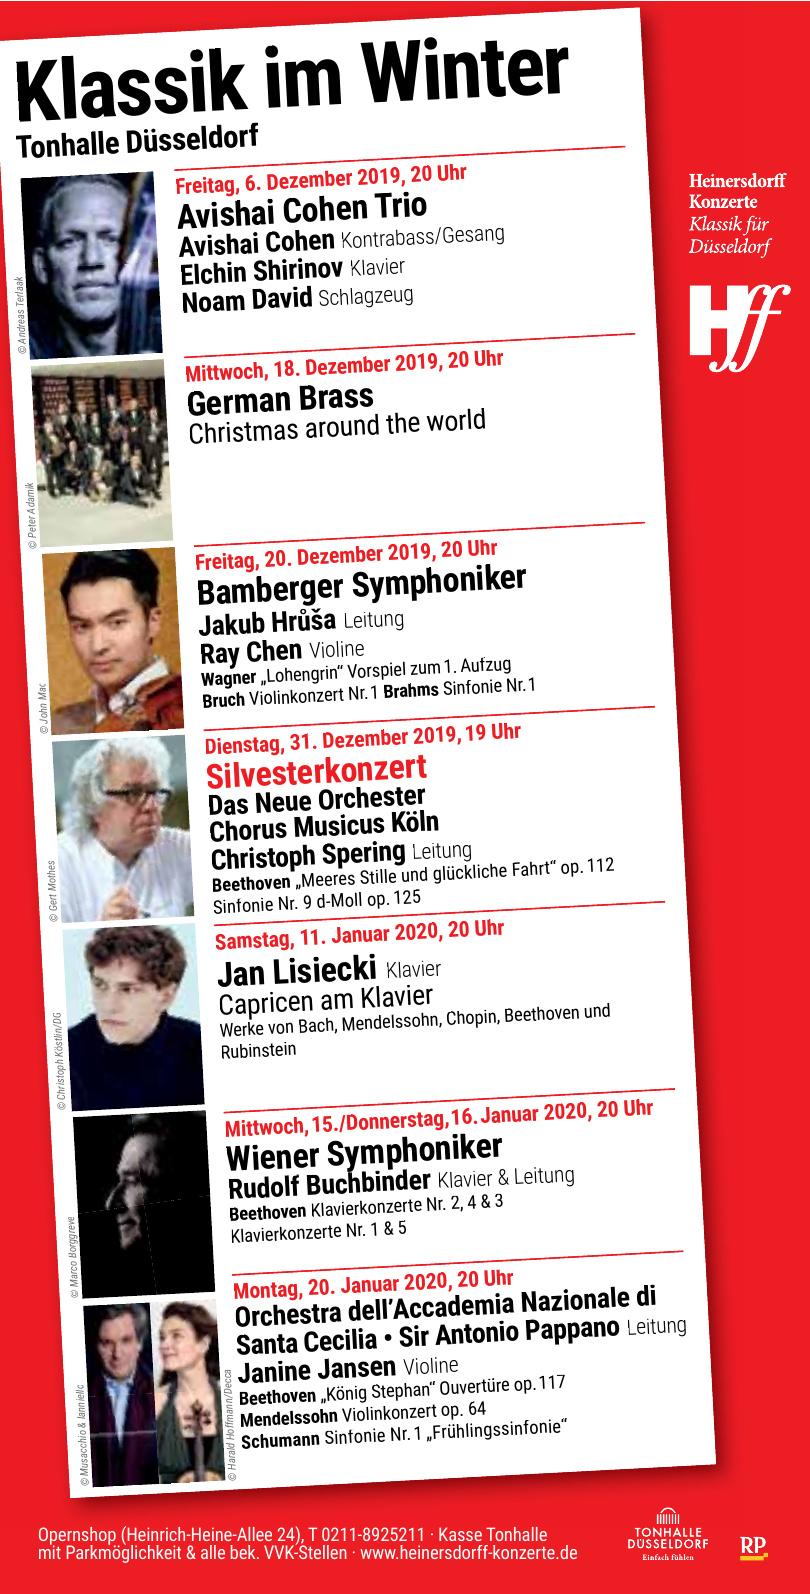 Heinersdorff Konzerte